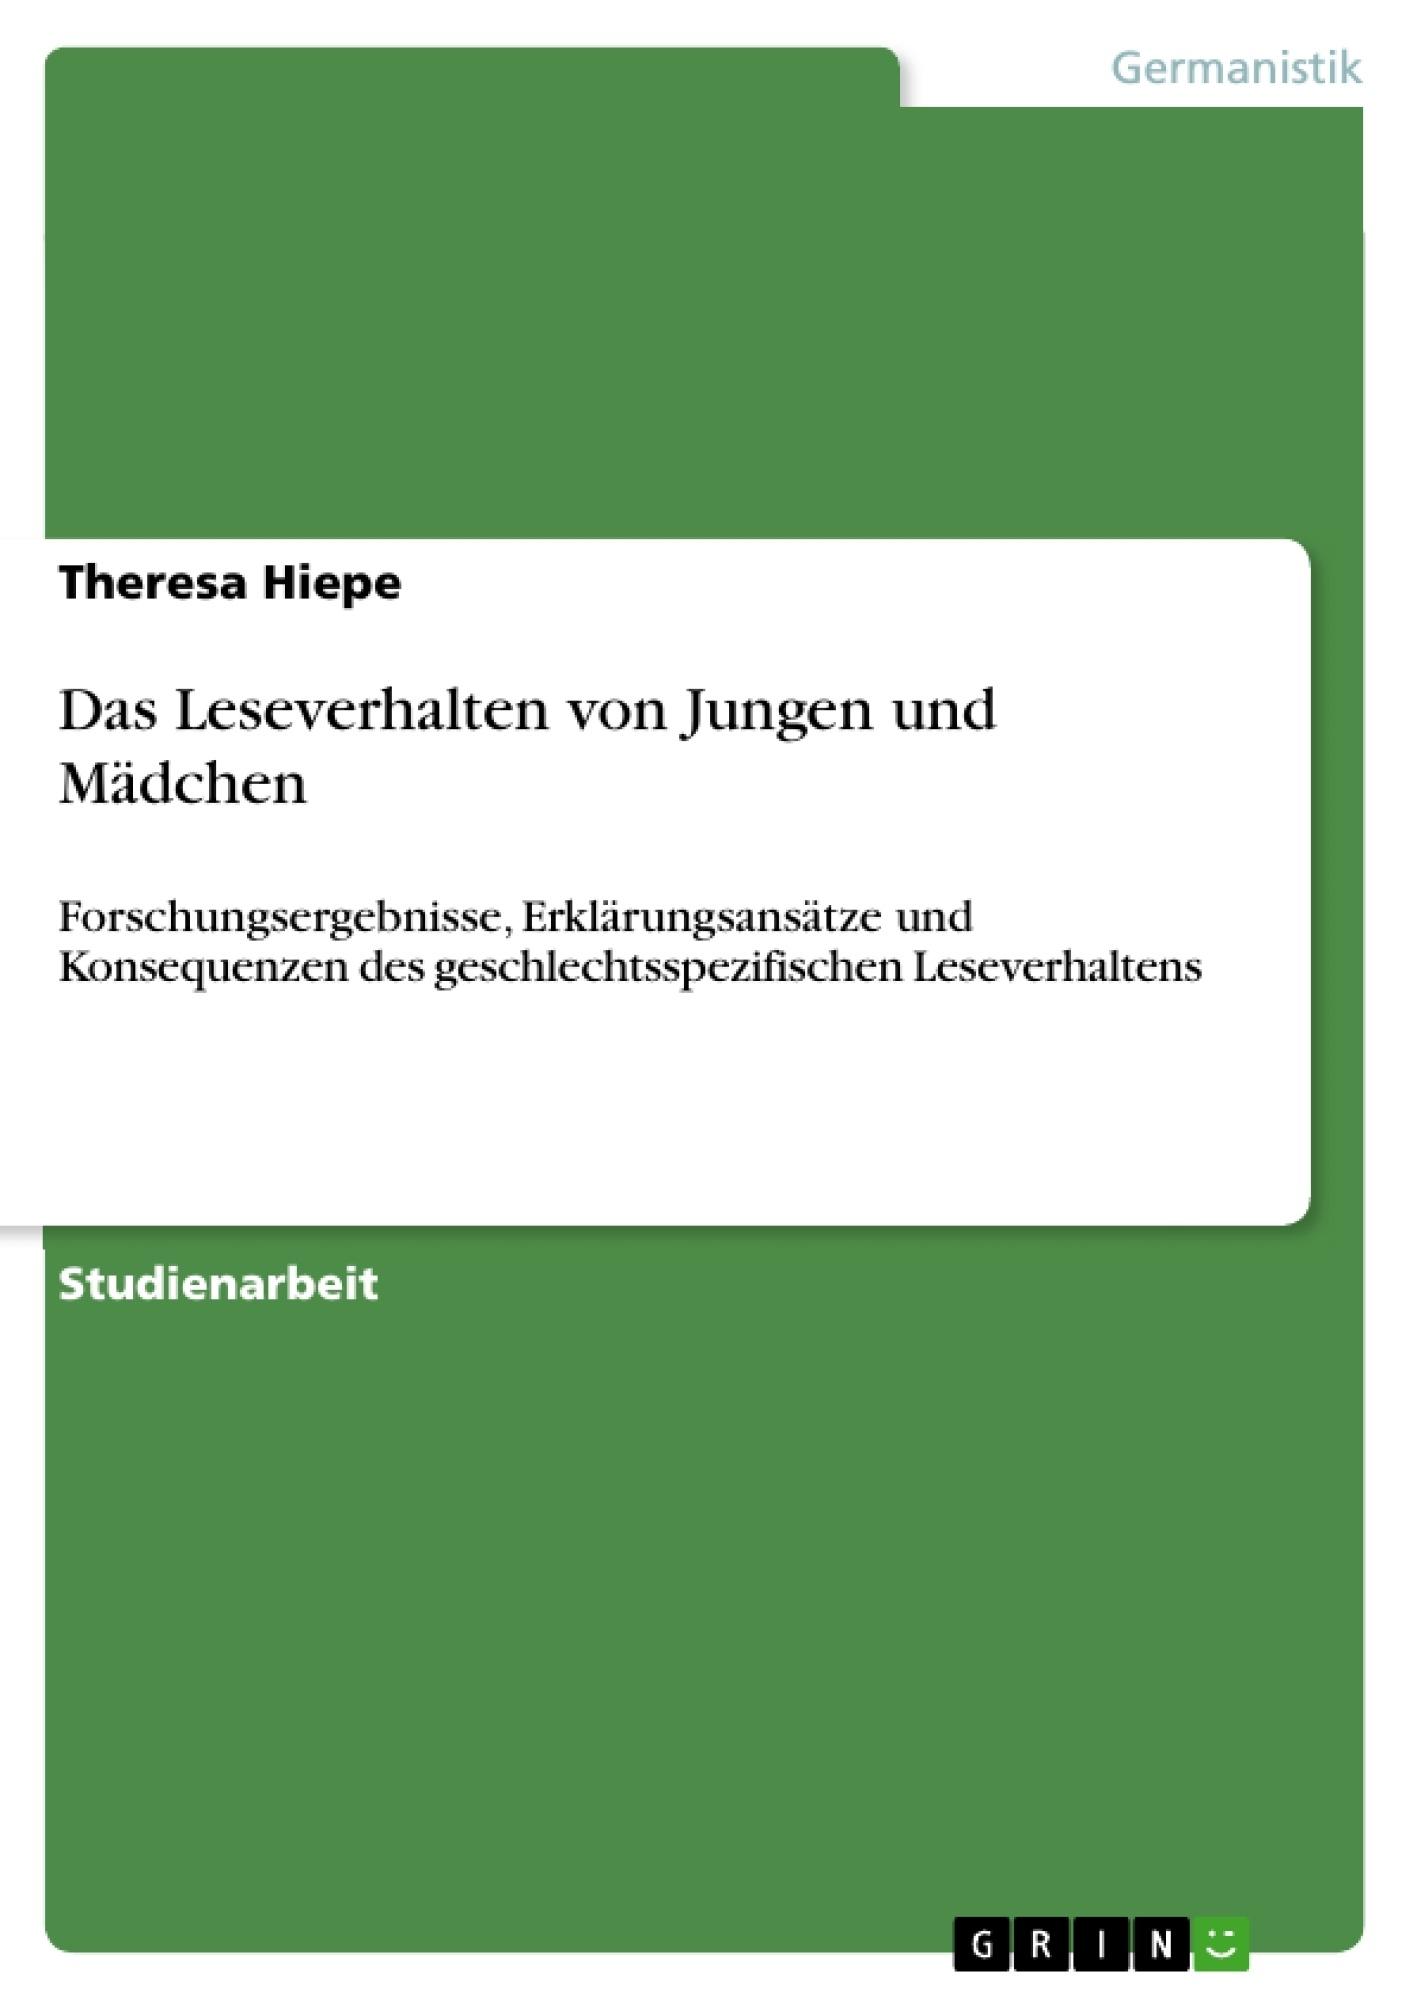 Titel: Das Leseverhalten von Jungen und Mädchen